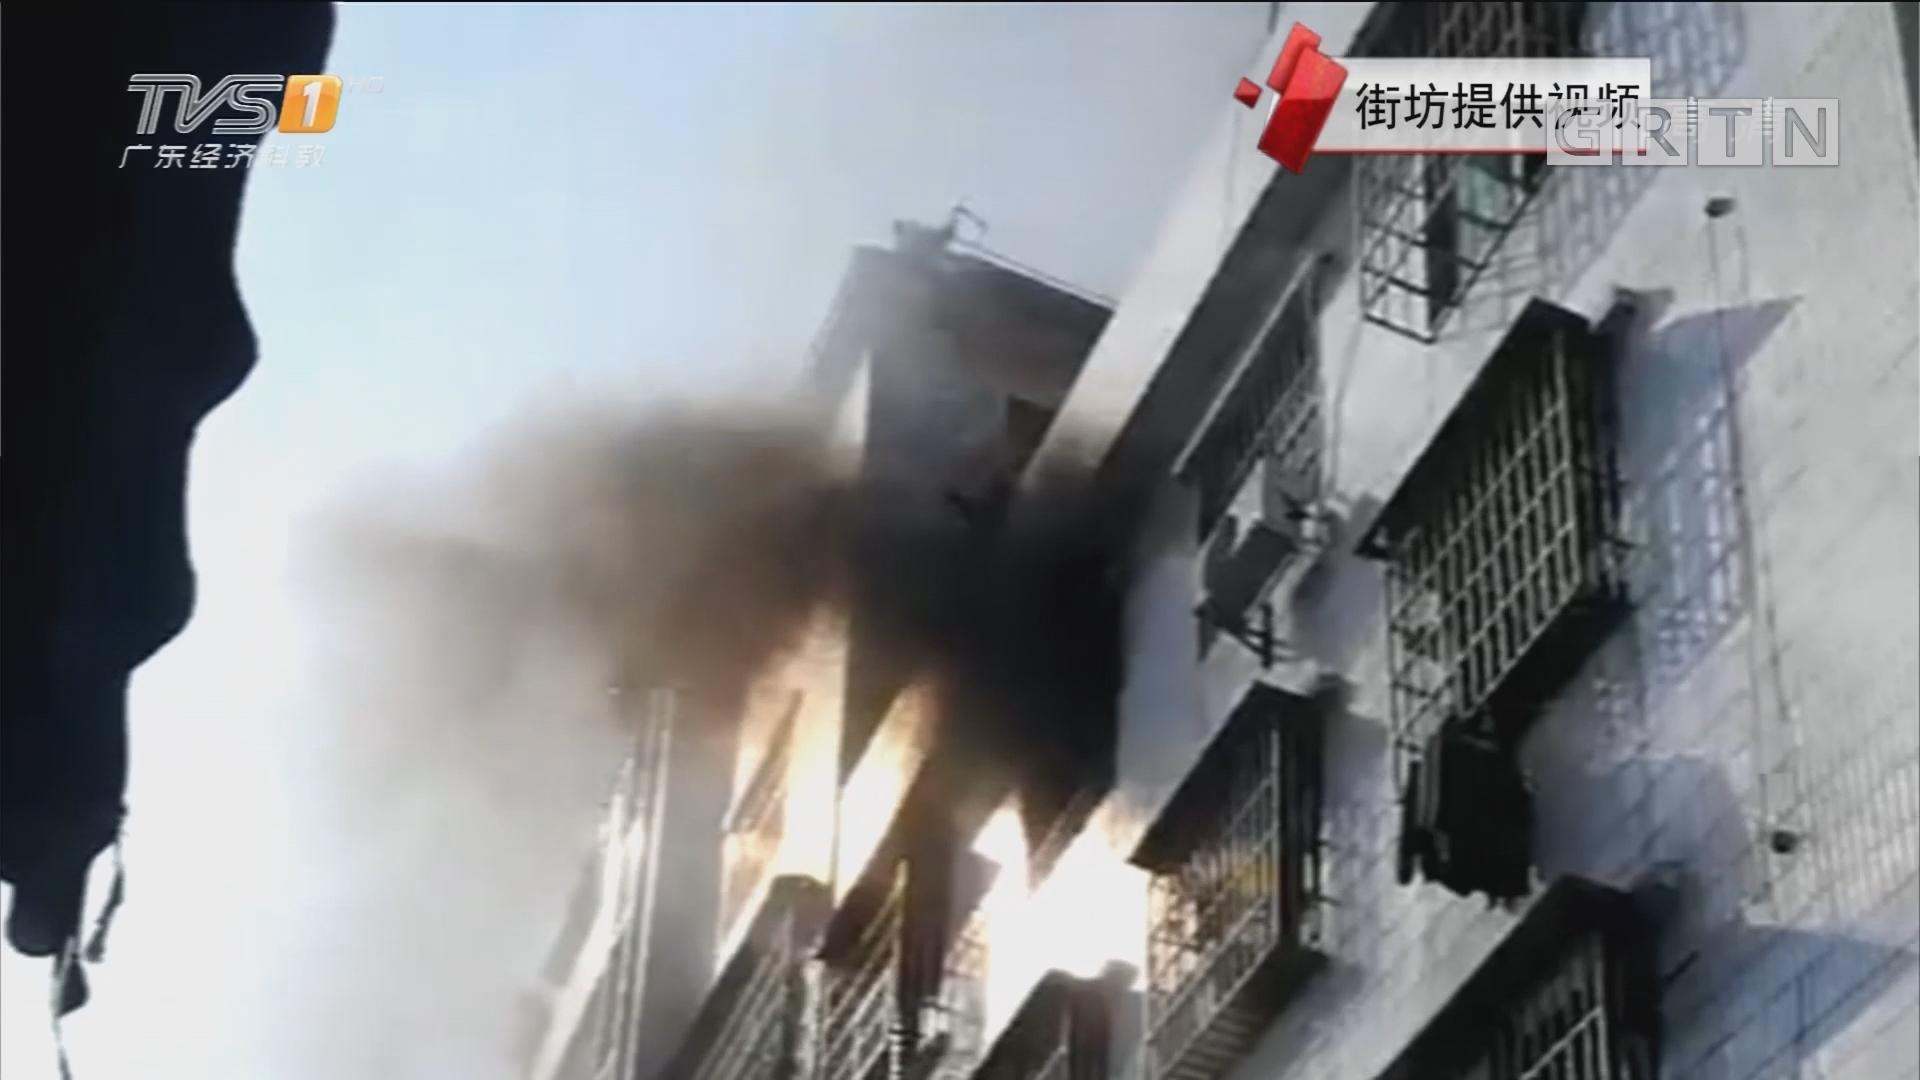 广州荔湾:出租屋浓烟滚滚 玻璃纷纷掉落